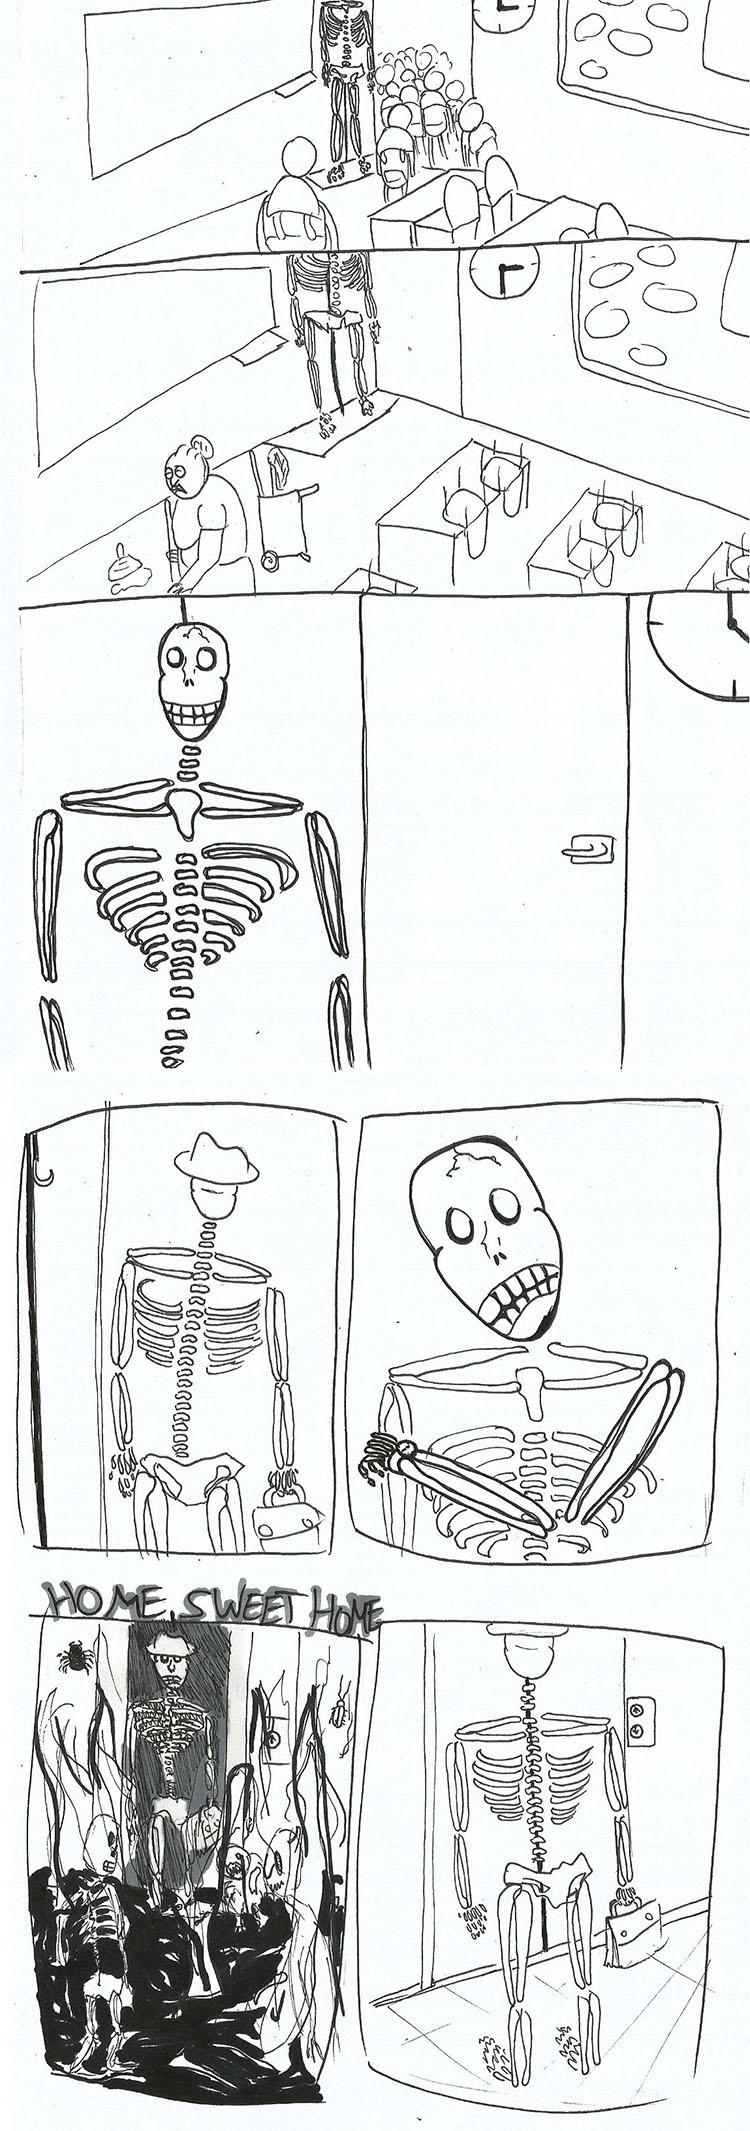 קומיקס מאת יעל טופורוביץ על חייו הפרטיים של השלד מכיתת הביולוגיה